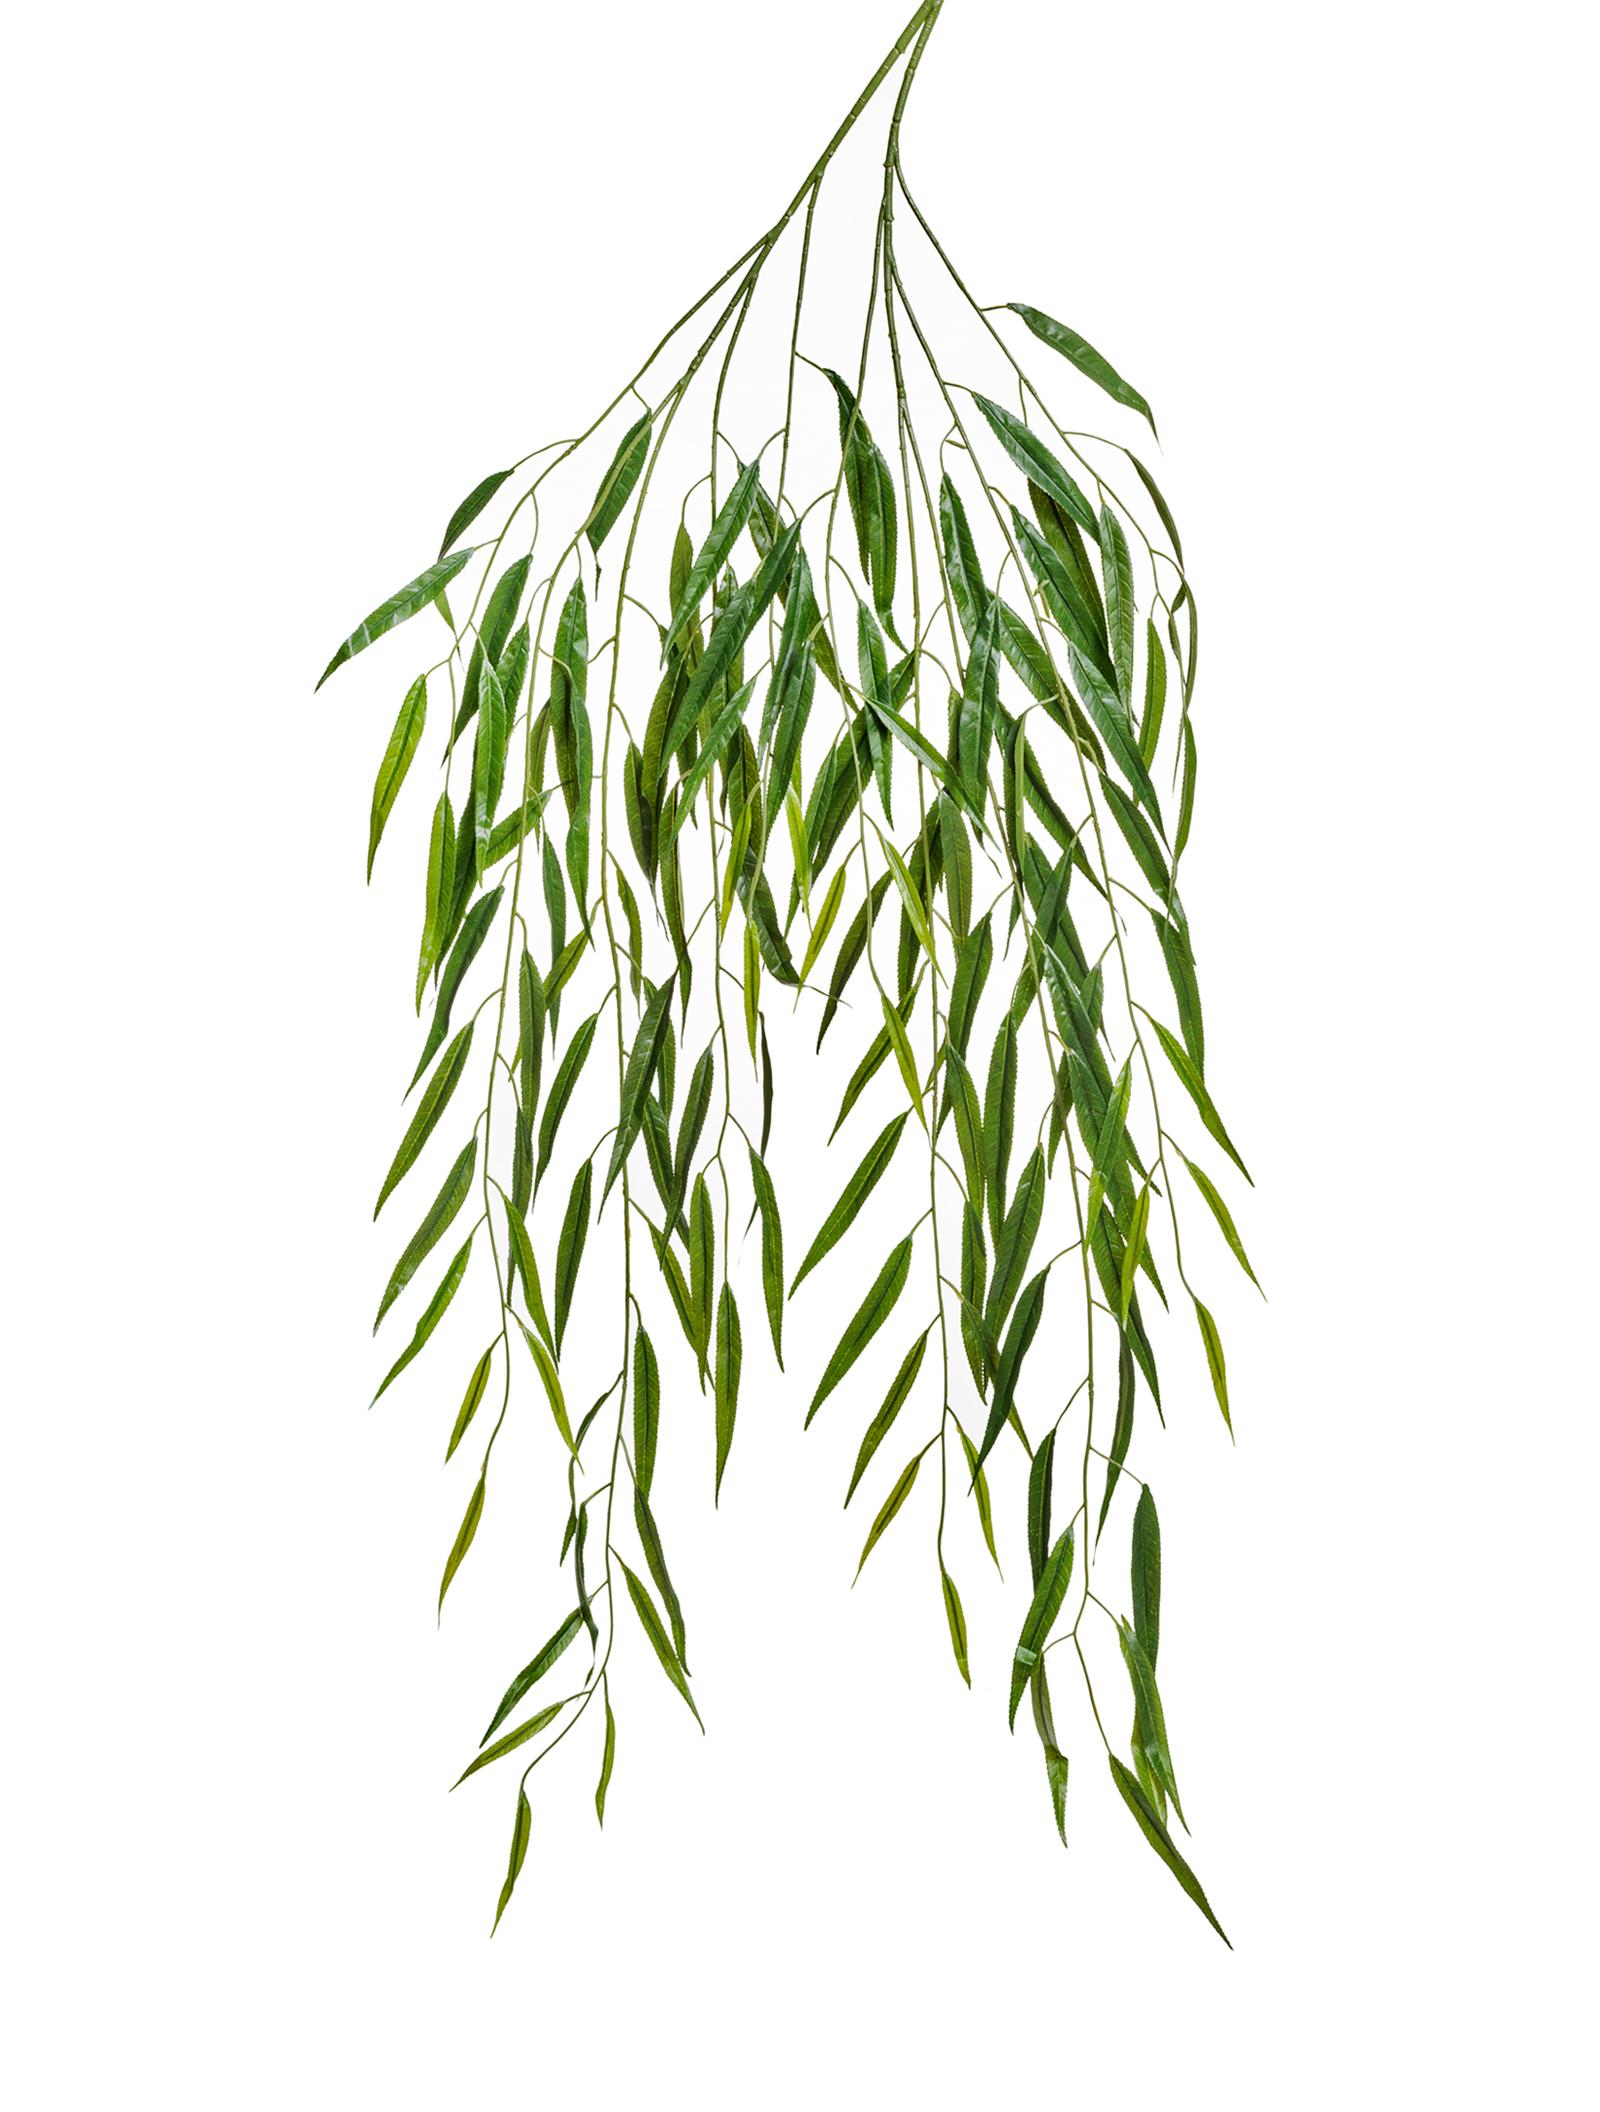 Картинка веточки ивы